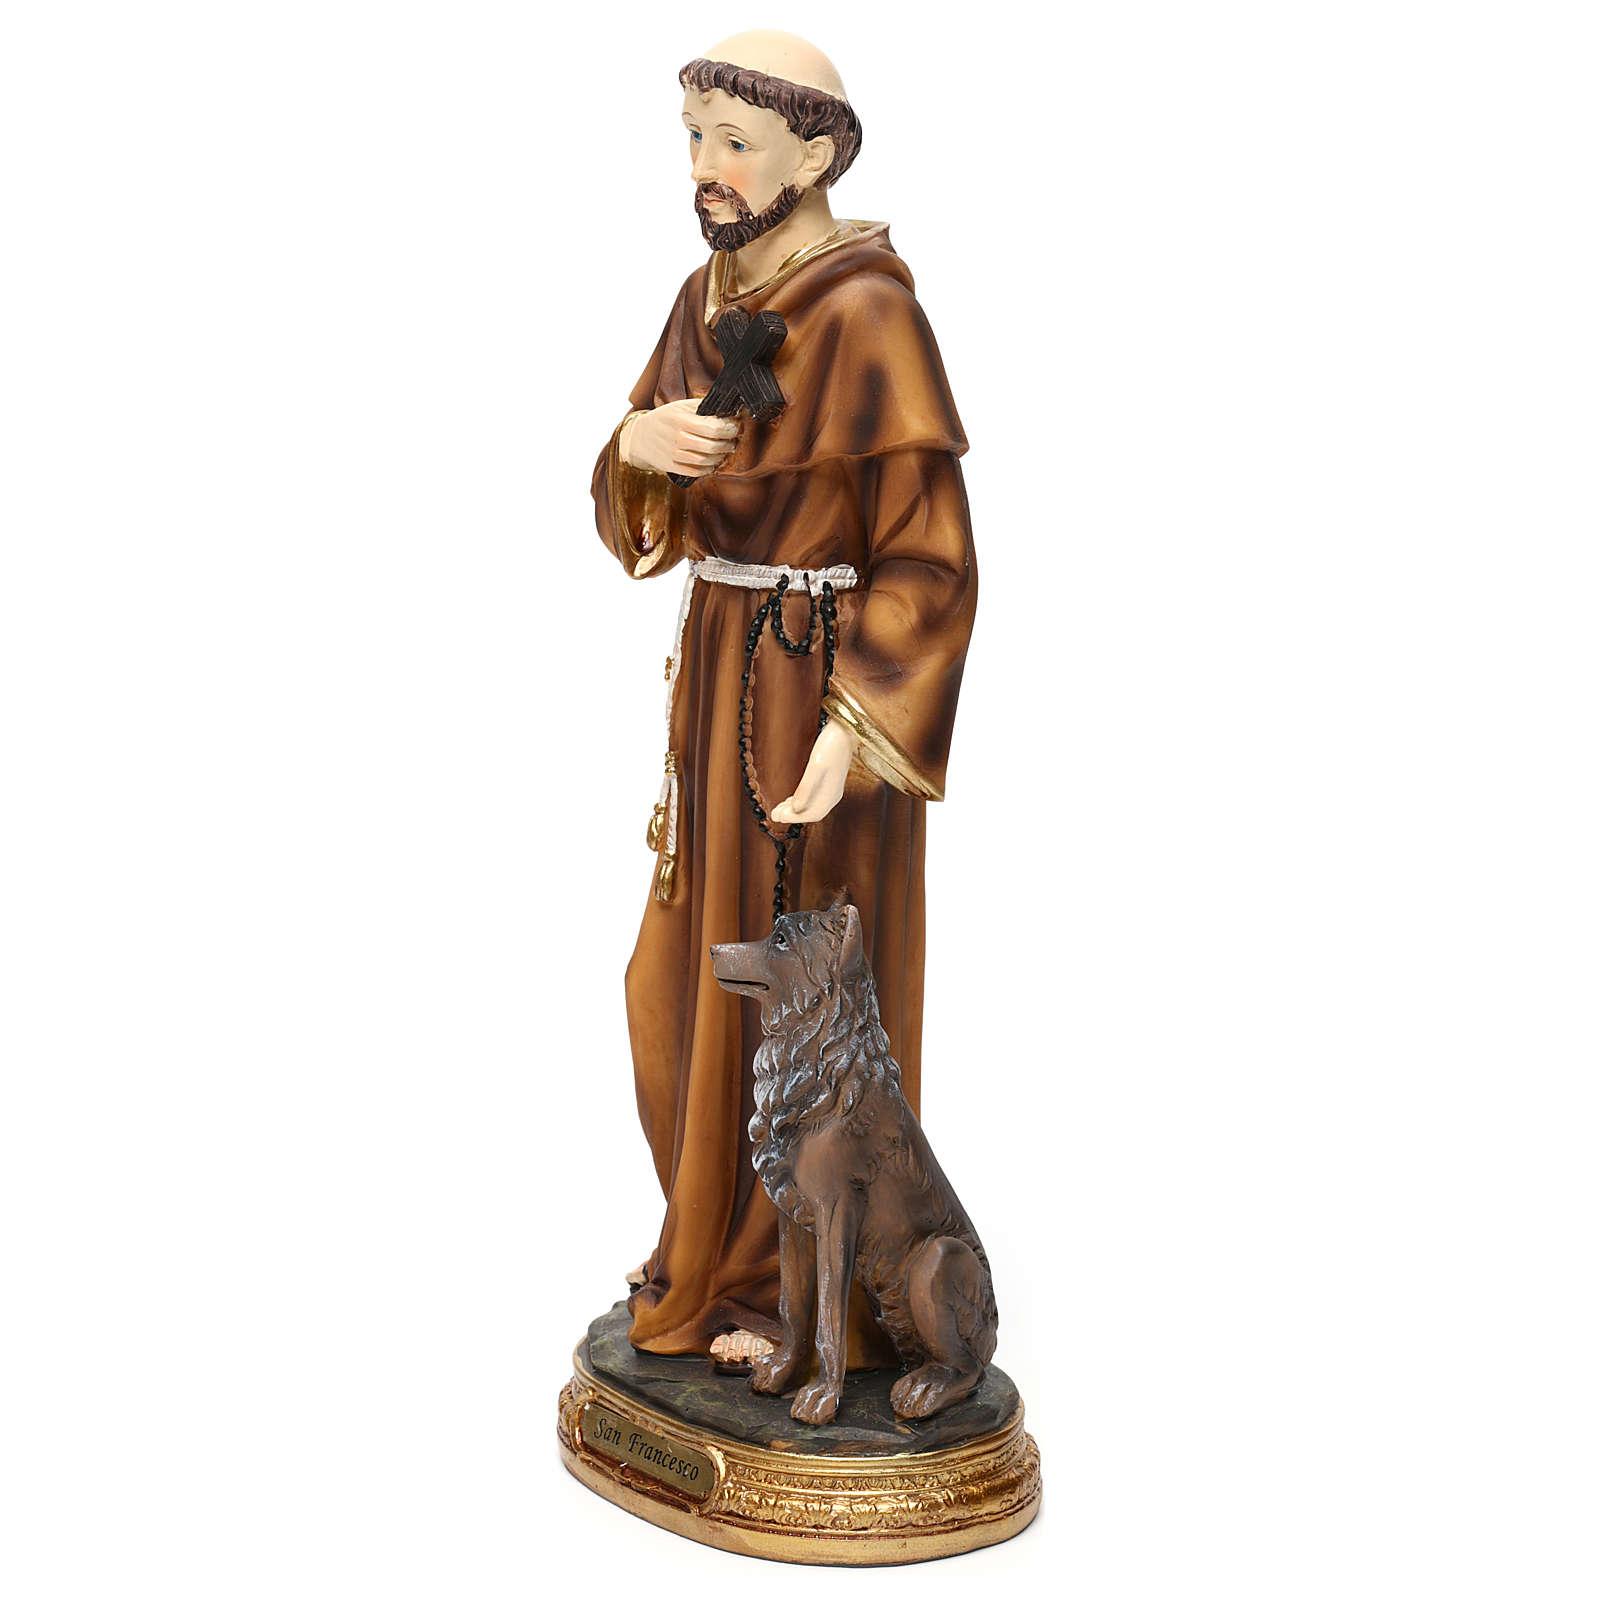 San Francesco con lupo 30 cm statua in resina 4